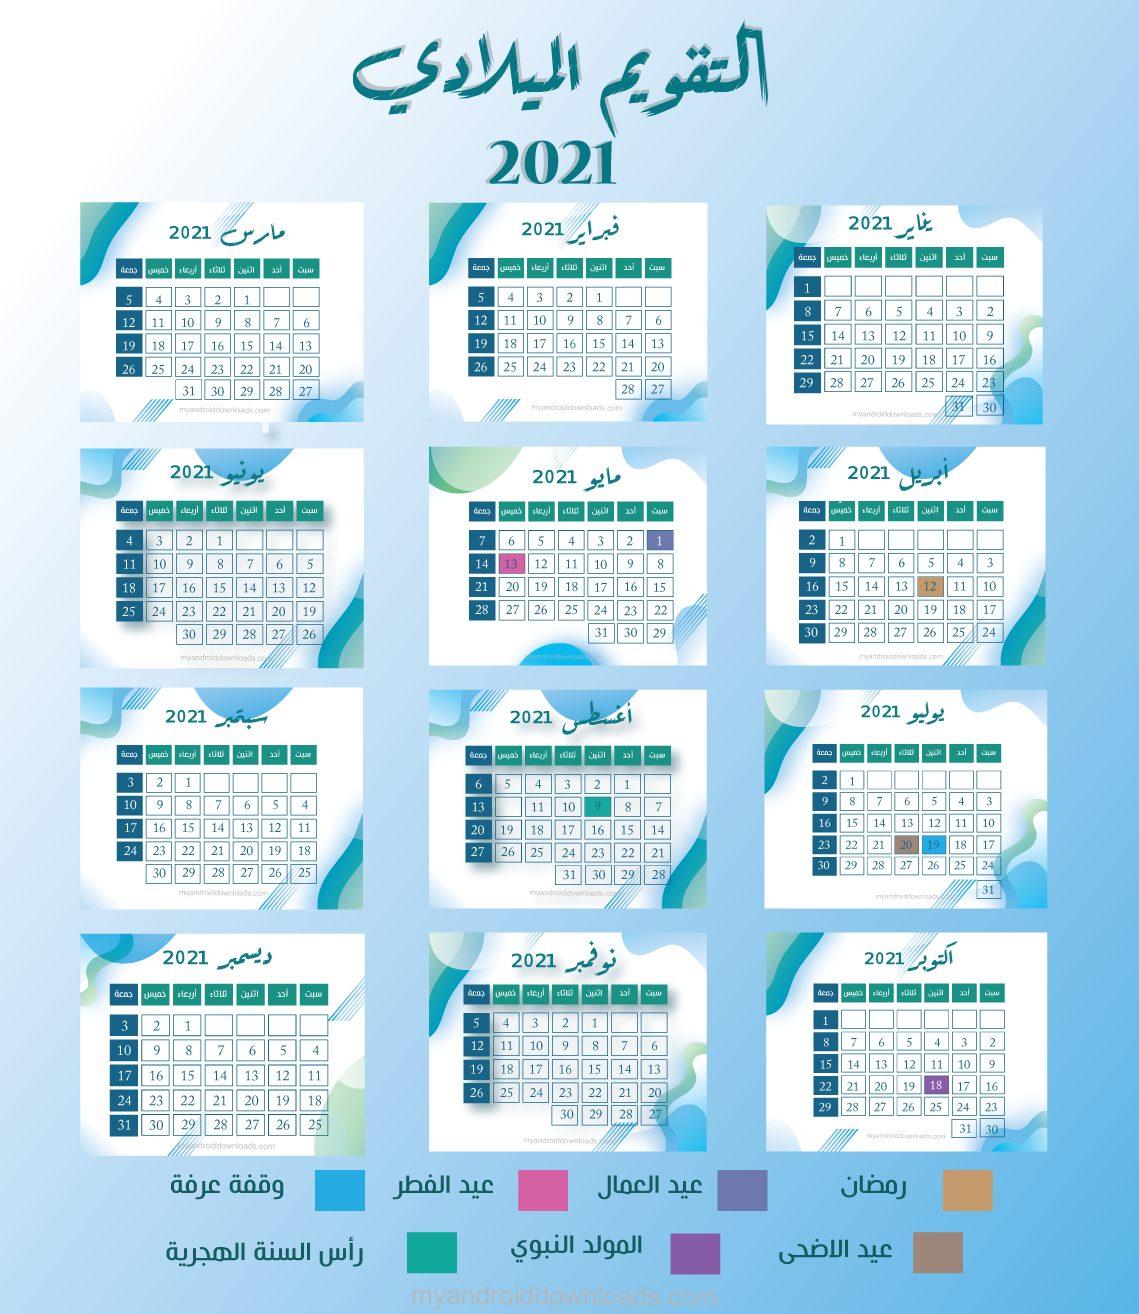 تحميل التقويم الميلادي 2021 عربي pdf تقويم ۲۰۲۱ م ونتيجة 2021 بالاجازات